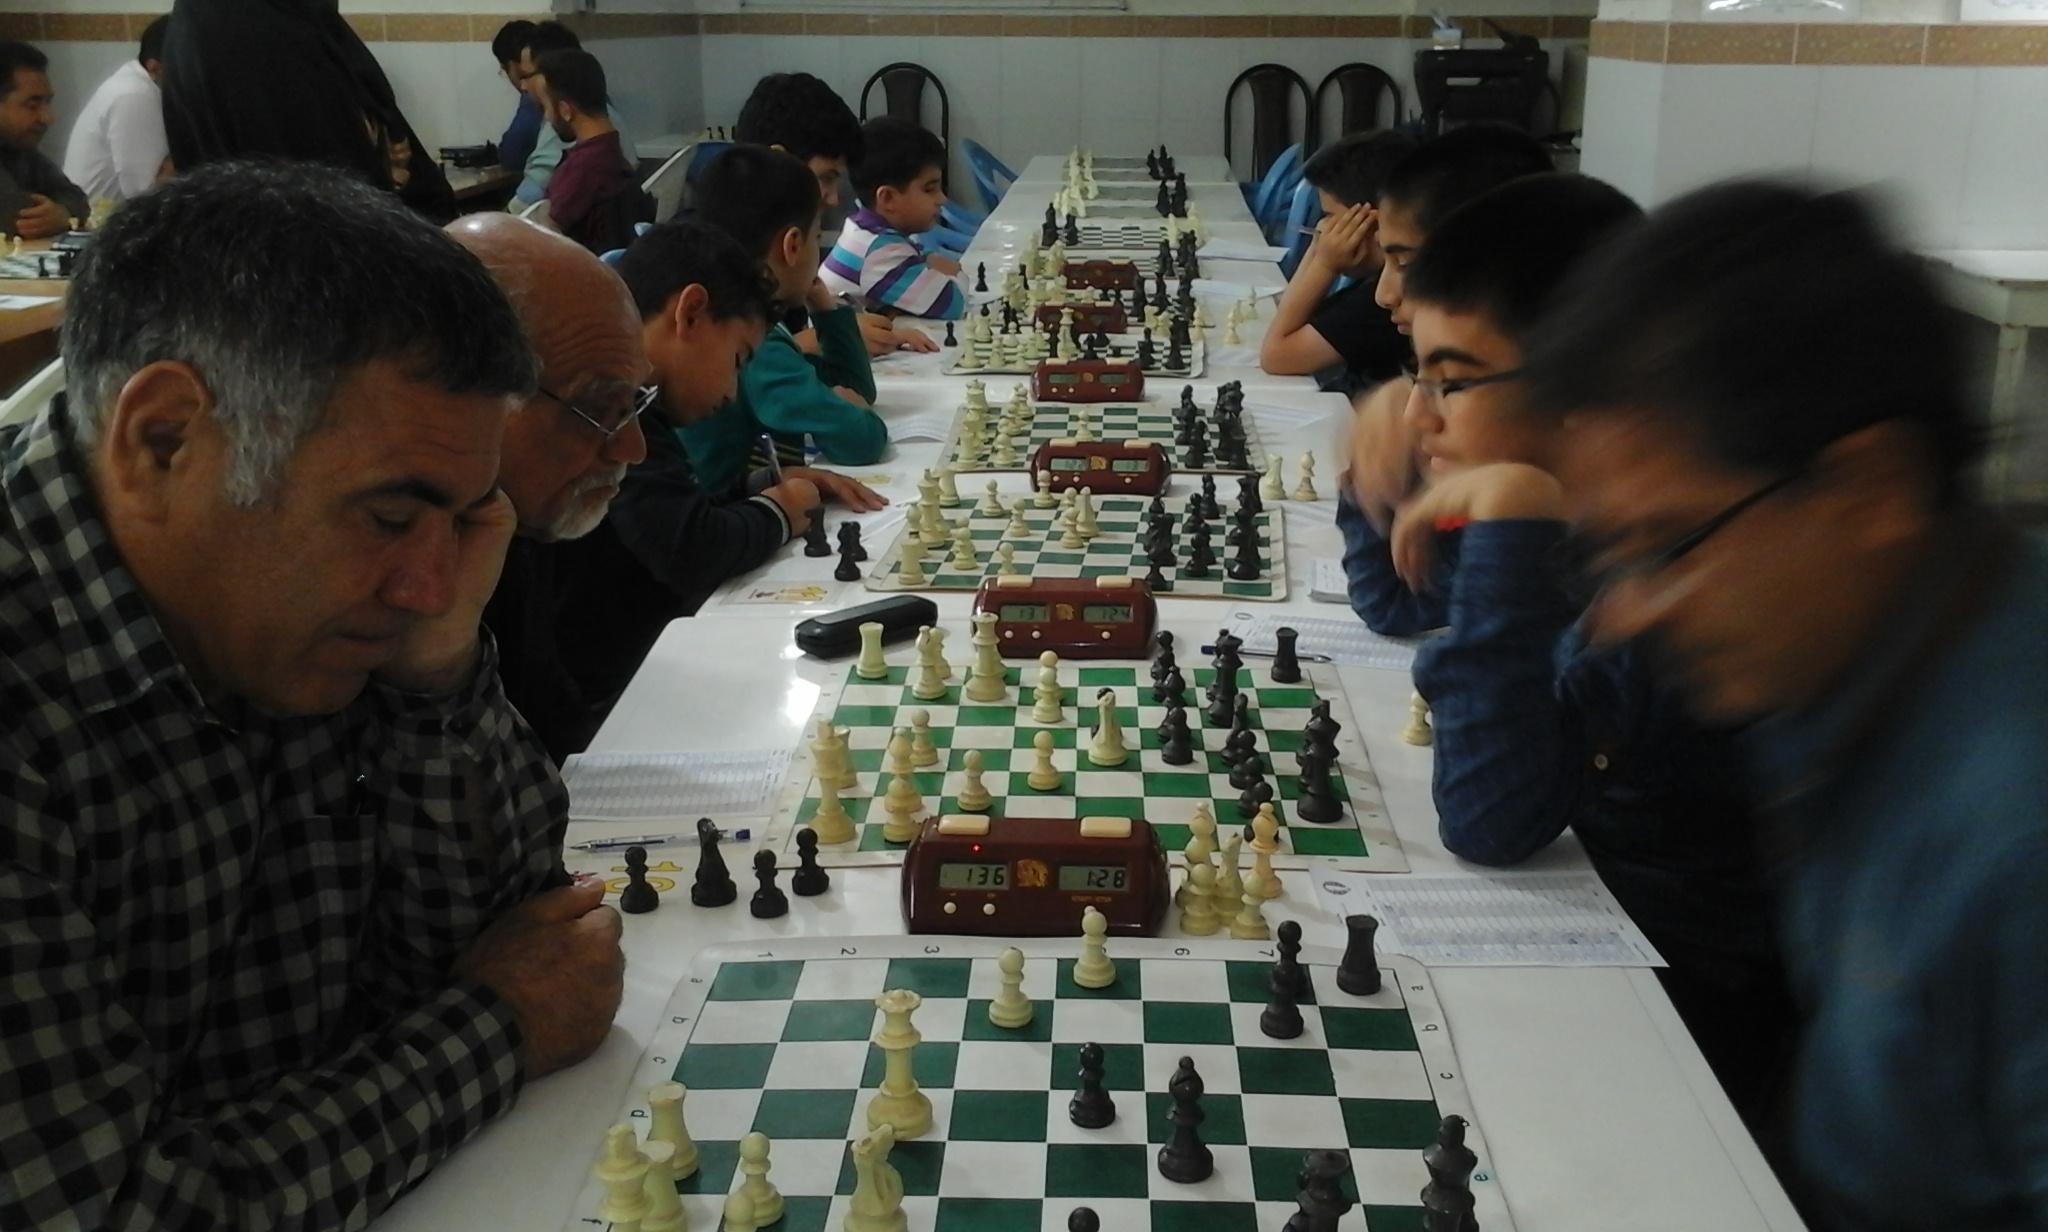 پایان مسابقات شطرنج (جام نوروز)شهرستان کازرون